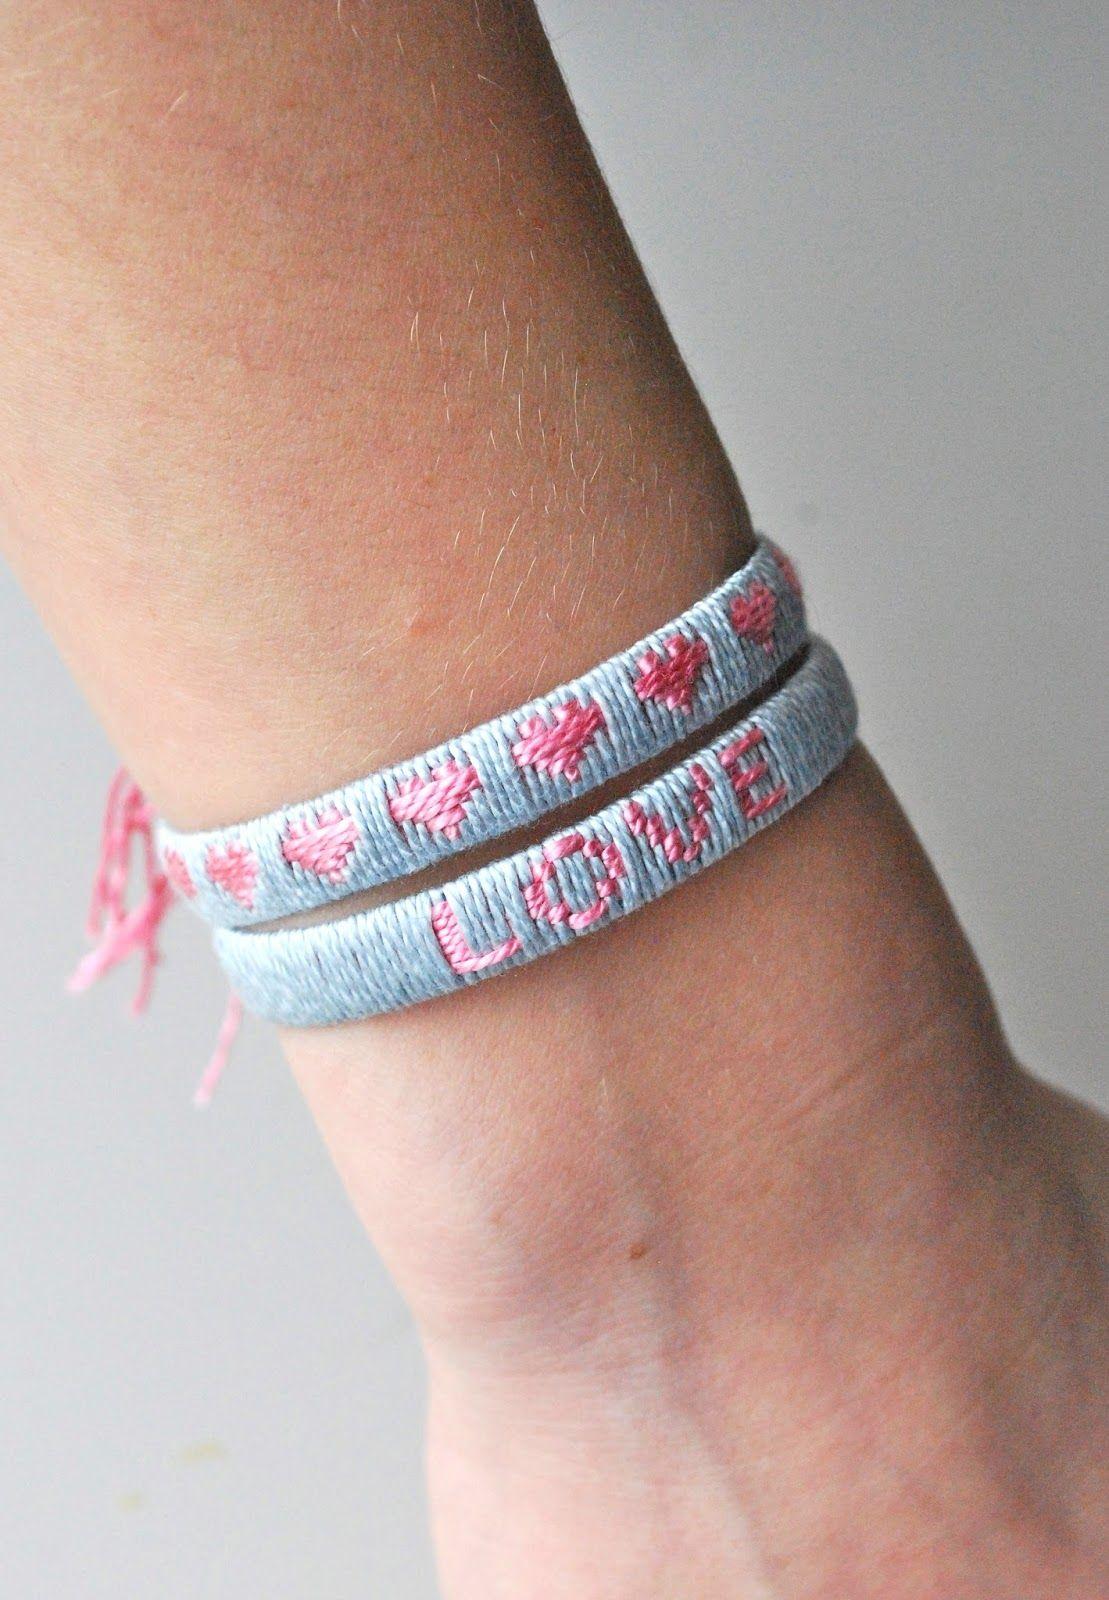 Armband Mit Botschaft Armband Selber Machen Armband Mit Namen Armbander Knupfen Mit Namen